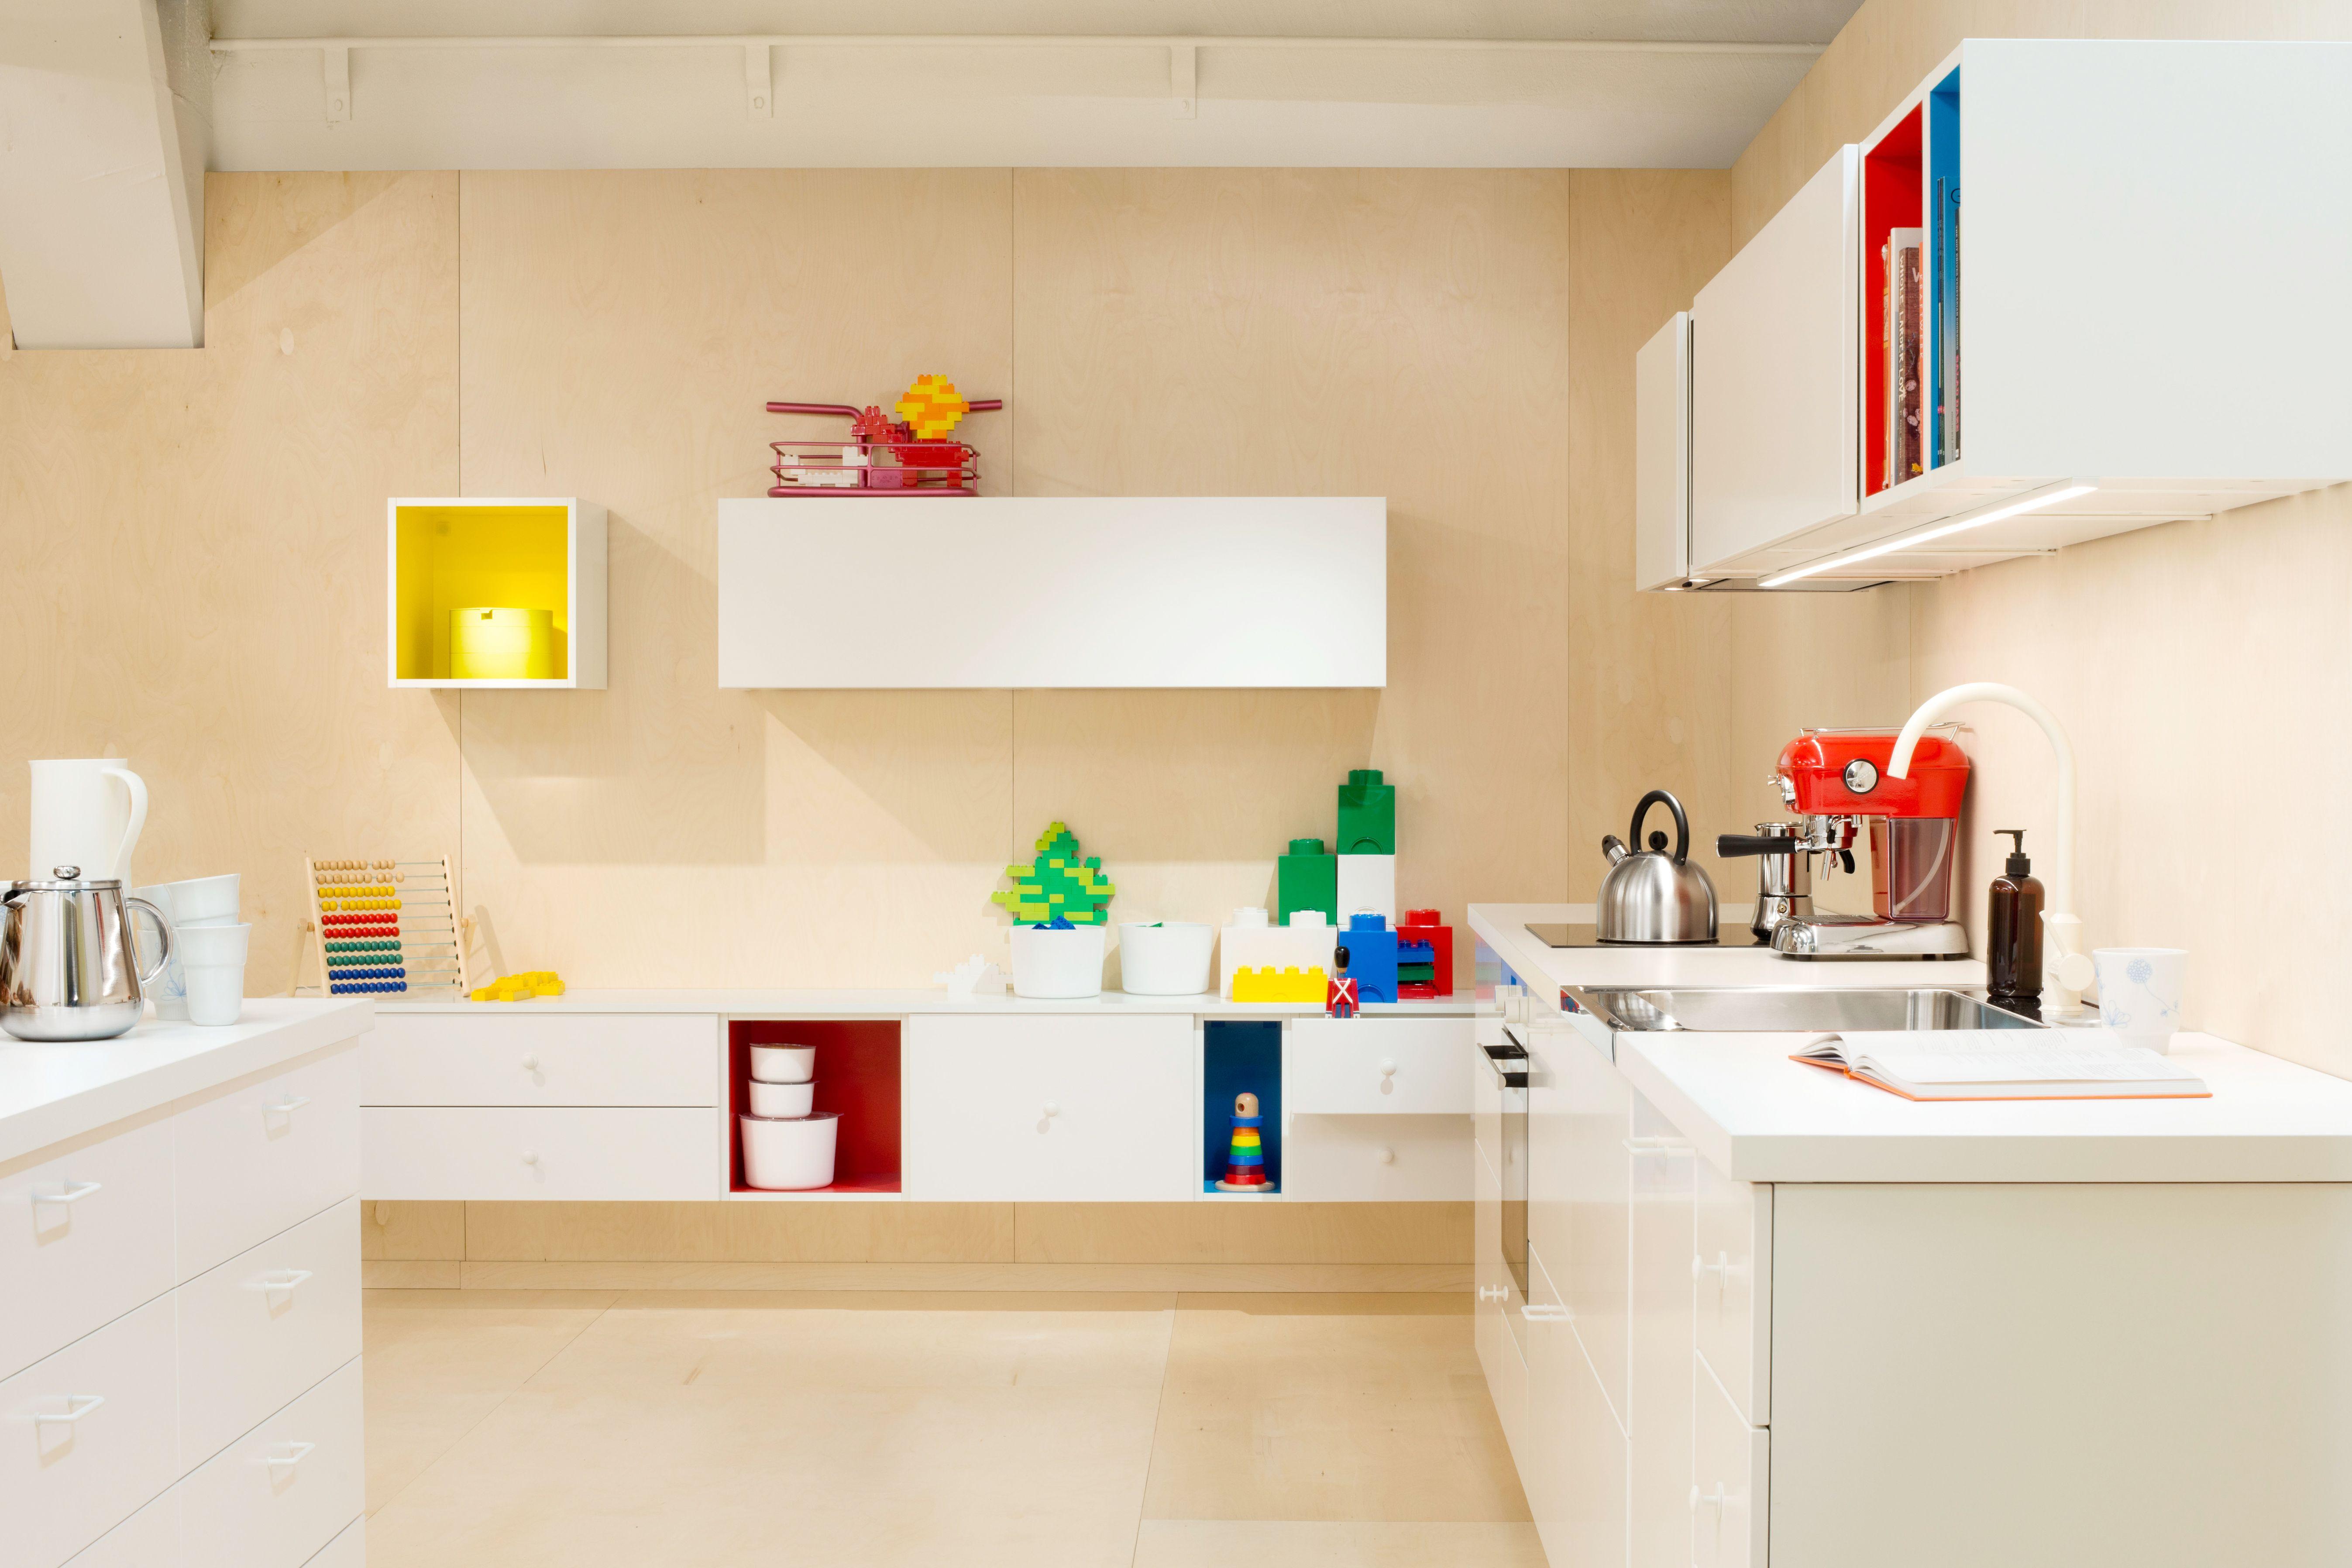 Ikea Kitchen News Ikea S Metod Kitchen Is Coming Soon Kitchen  # Muebles Cocina Ikea Faktum